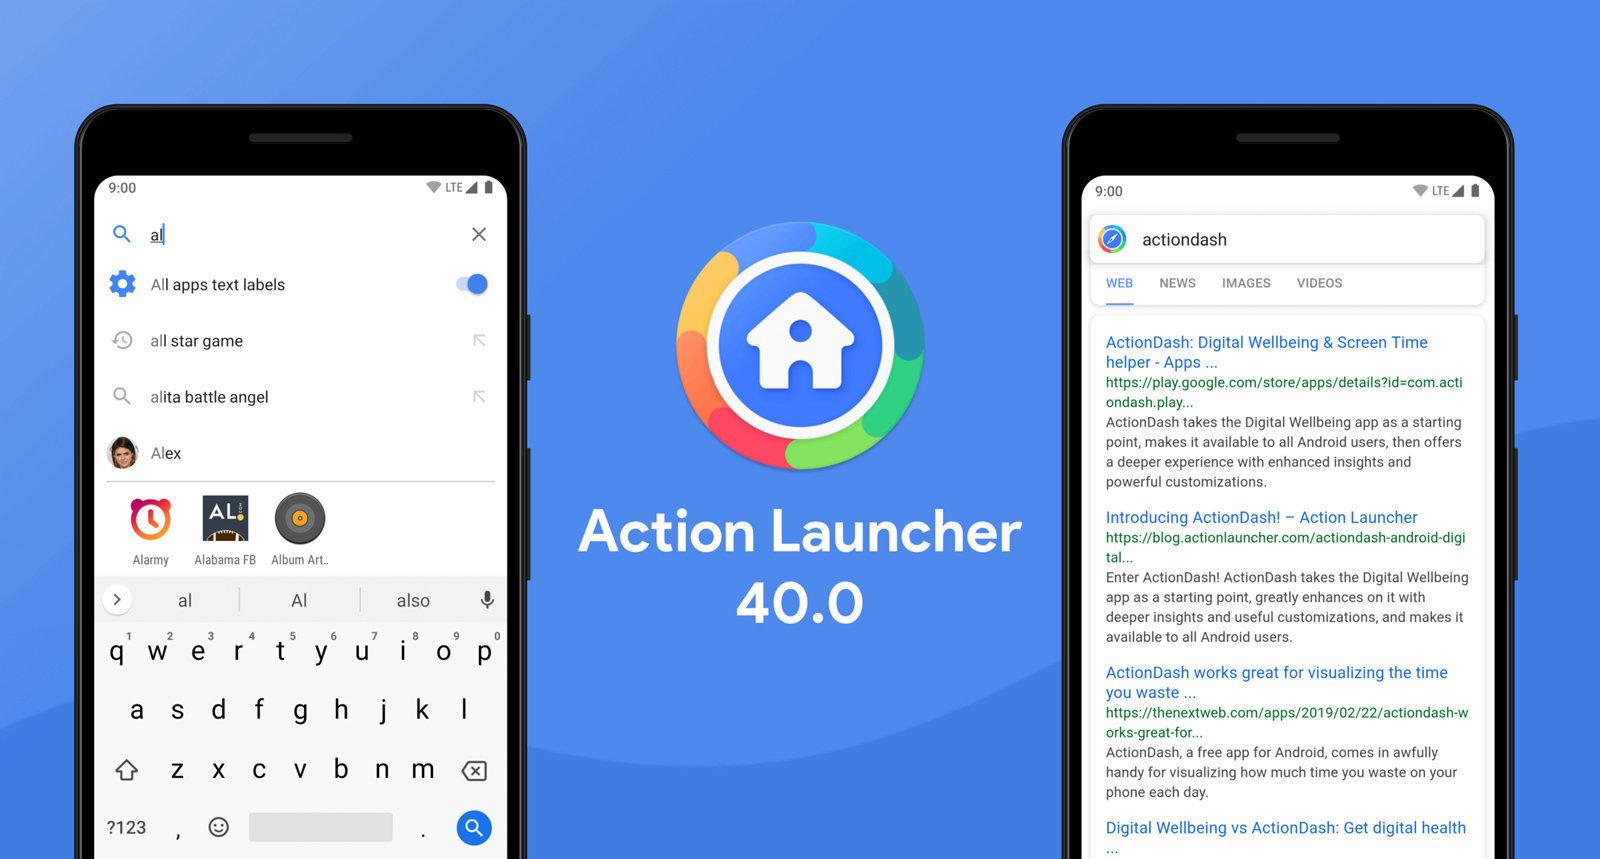 Nå er Action Launcher oppdatert - støtter reklame i søk